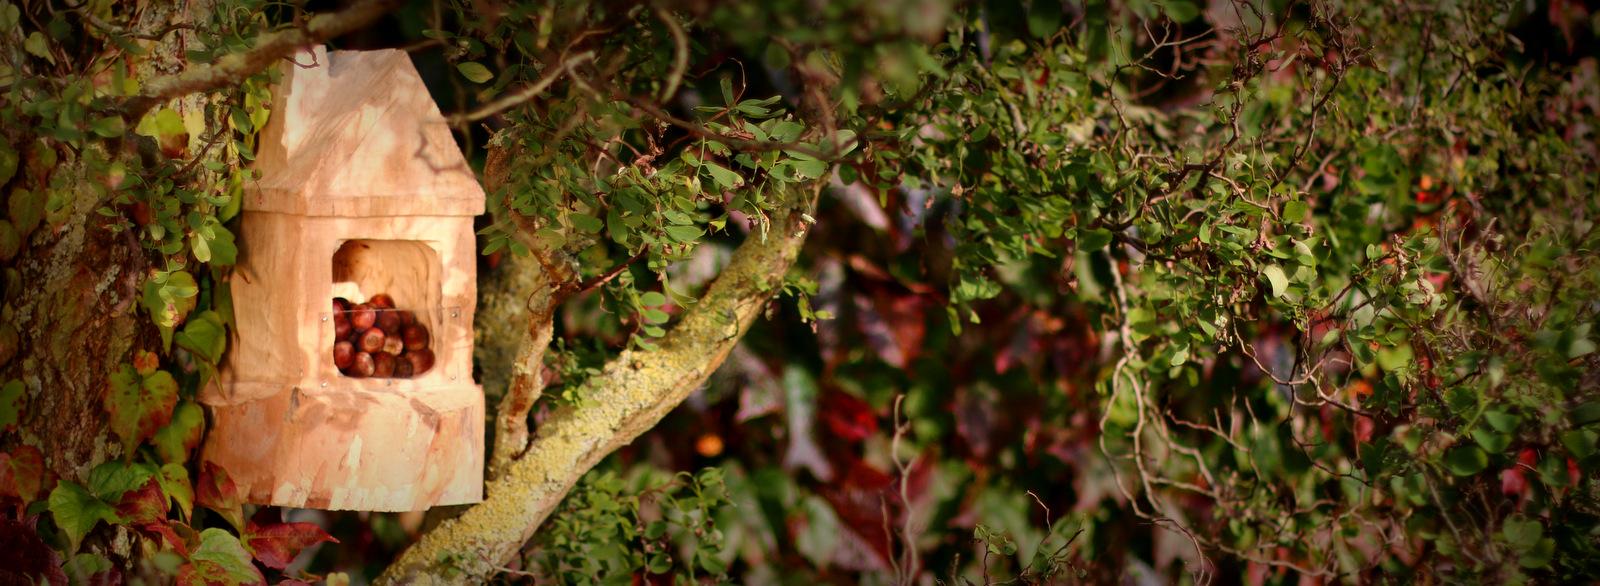 Ein Futterhaus für Eichhörnchen selbst gebaut mit Arbortech Werkzeug